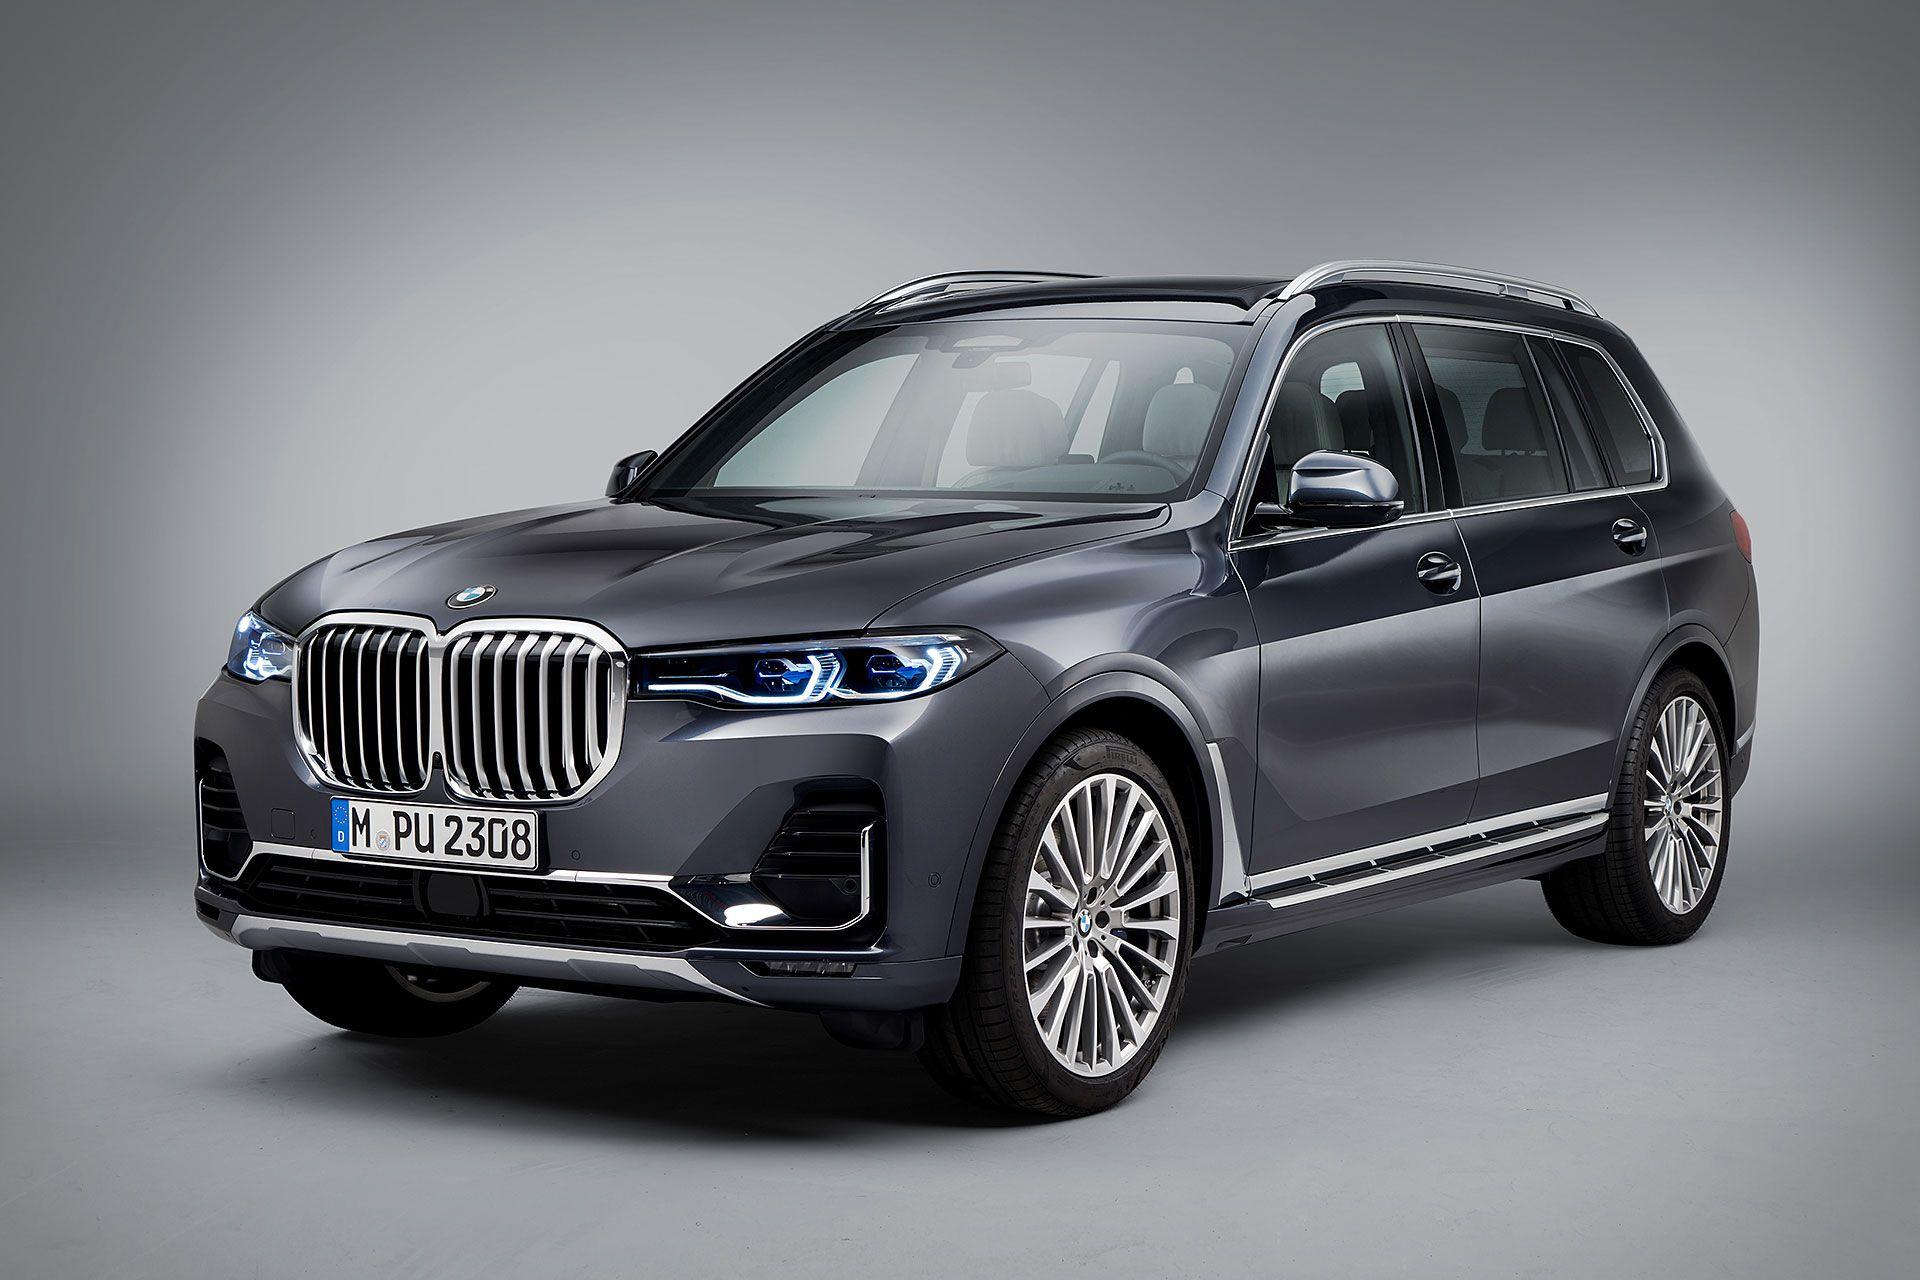 2019 BMW X7 SUV Bmw x7, Bmw suv, Bmw